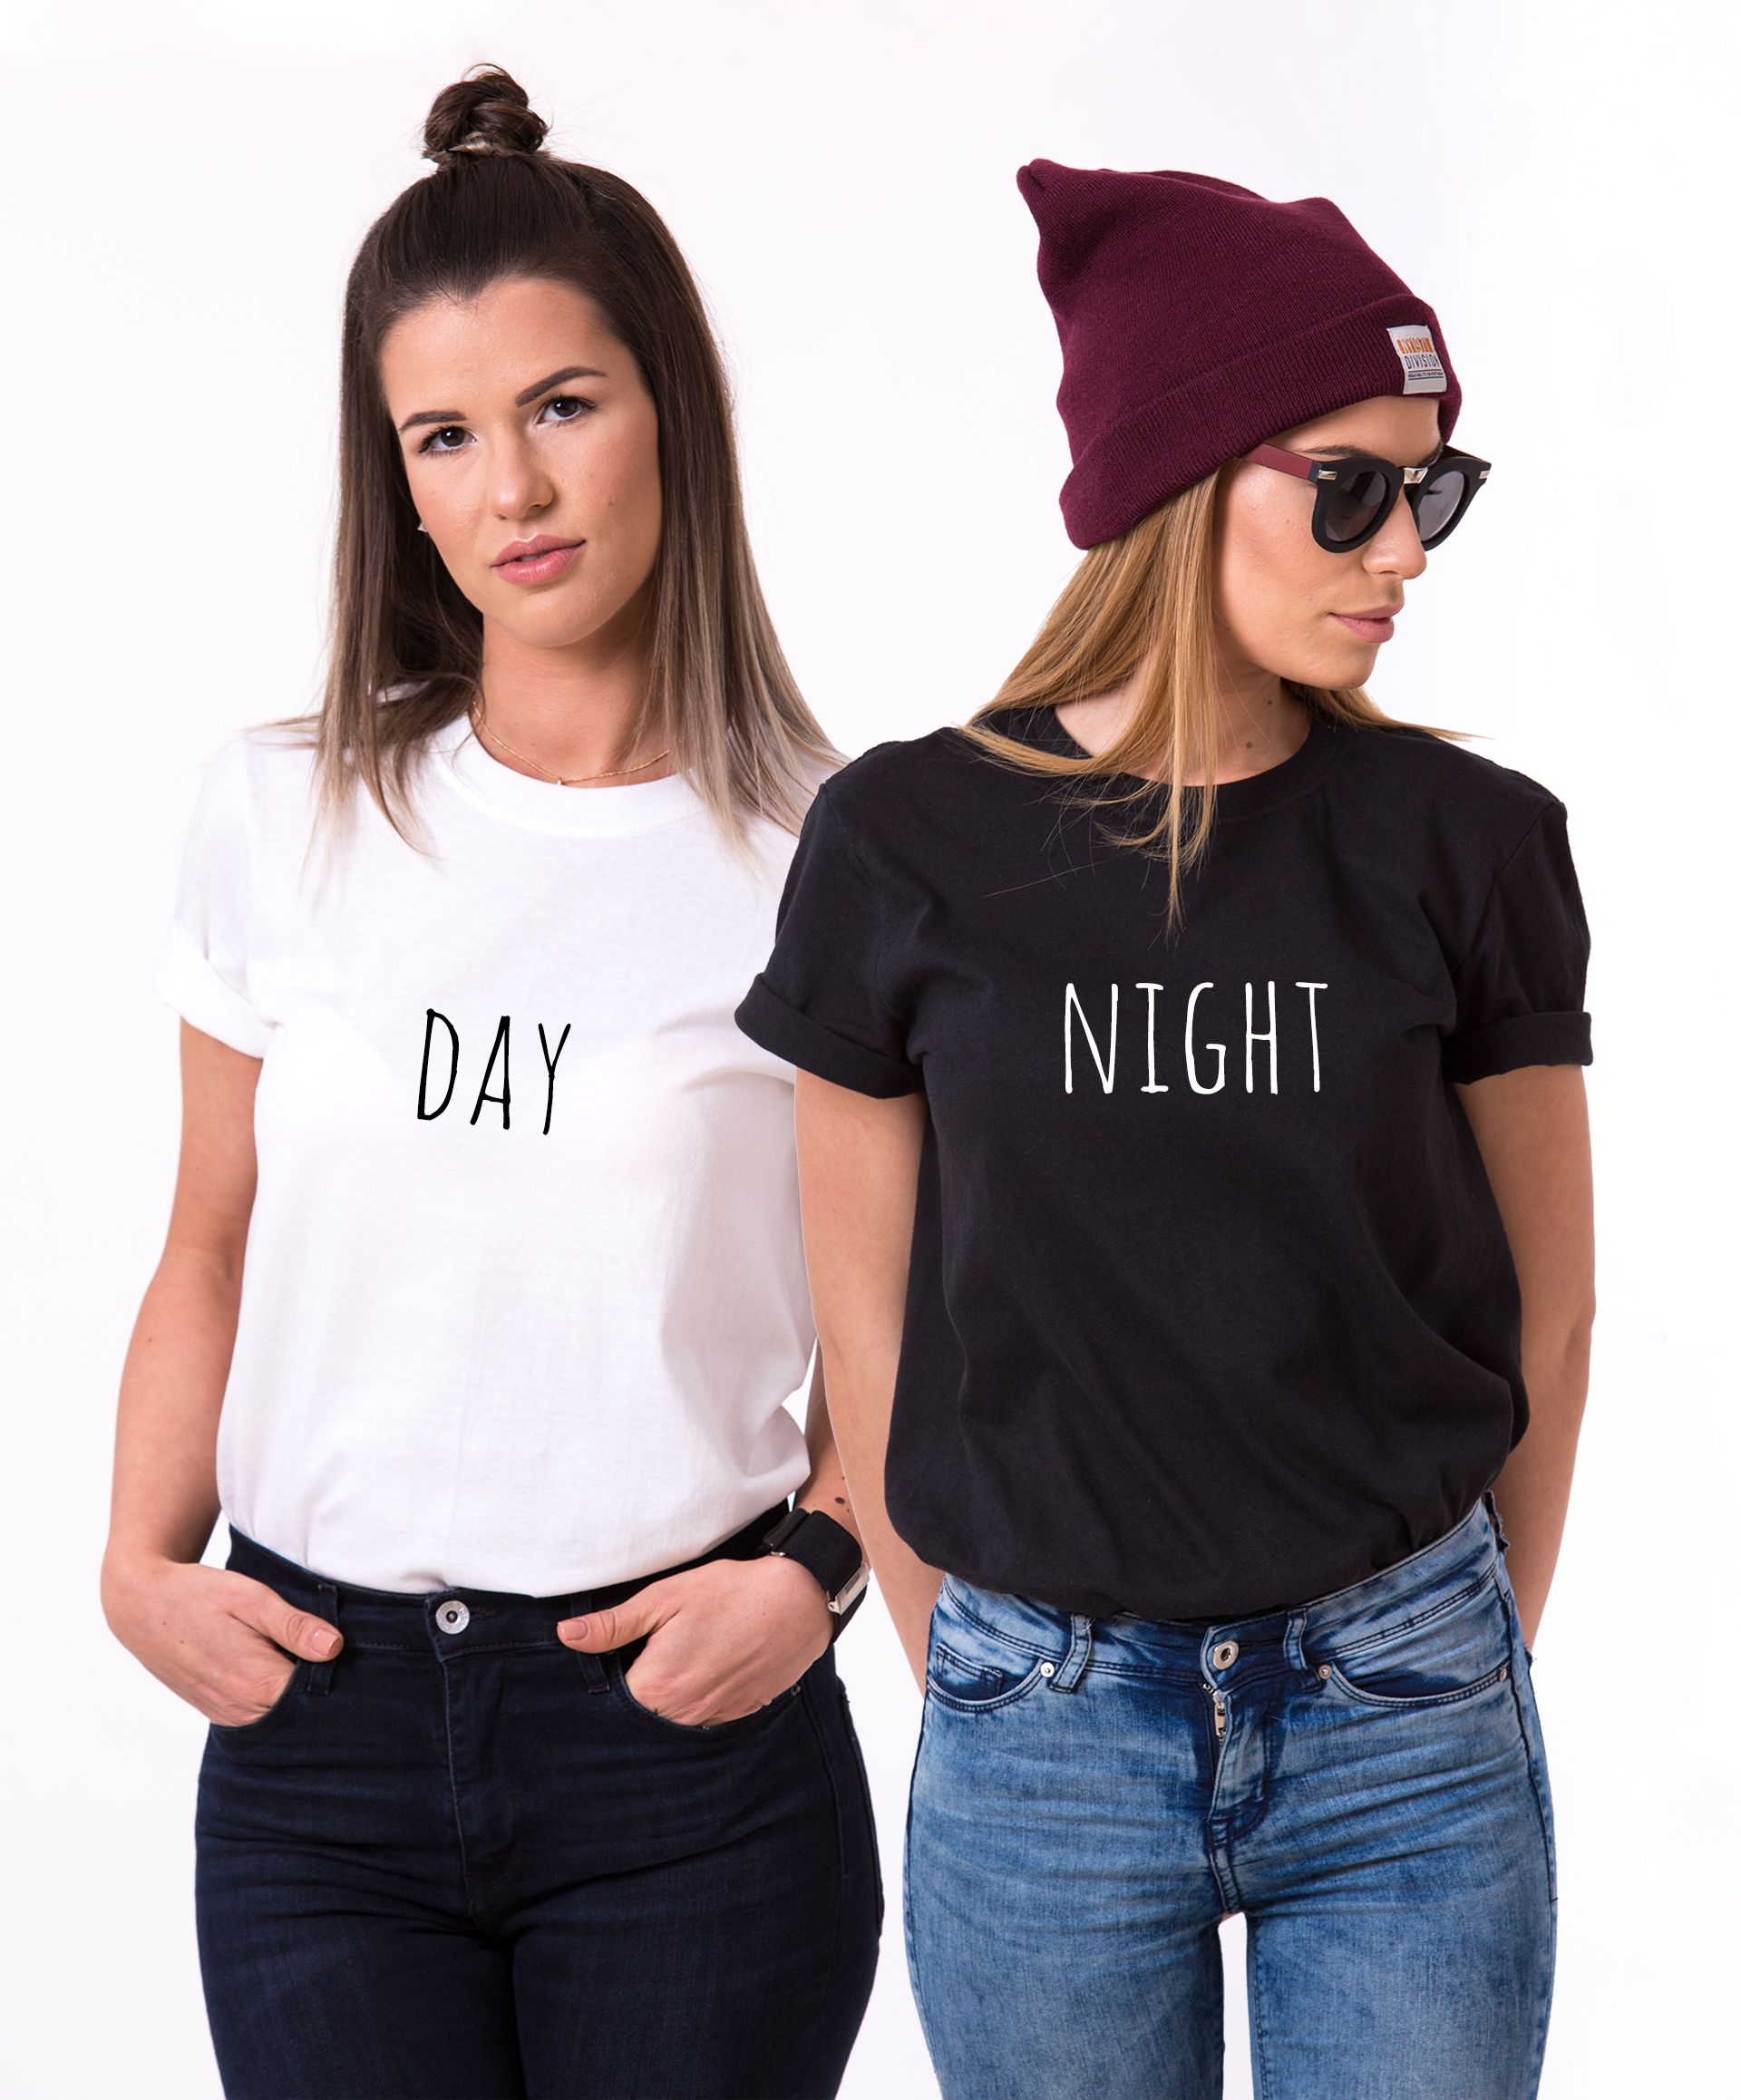 Day Night Matching Shirts Matching Best Friends Shirts